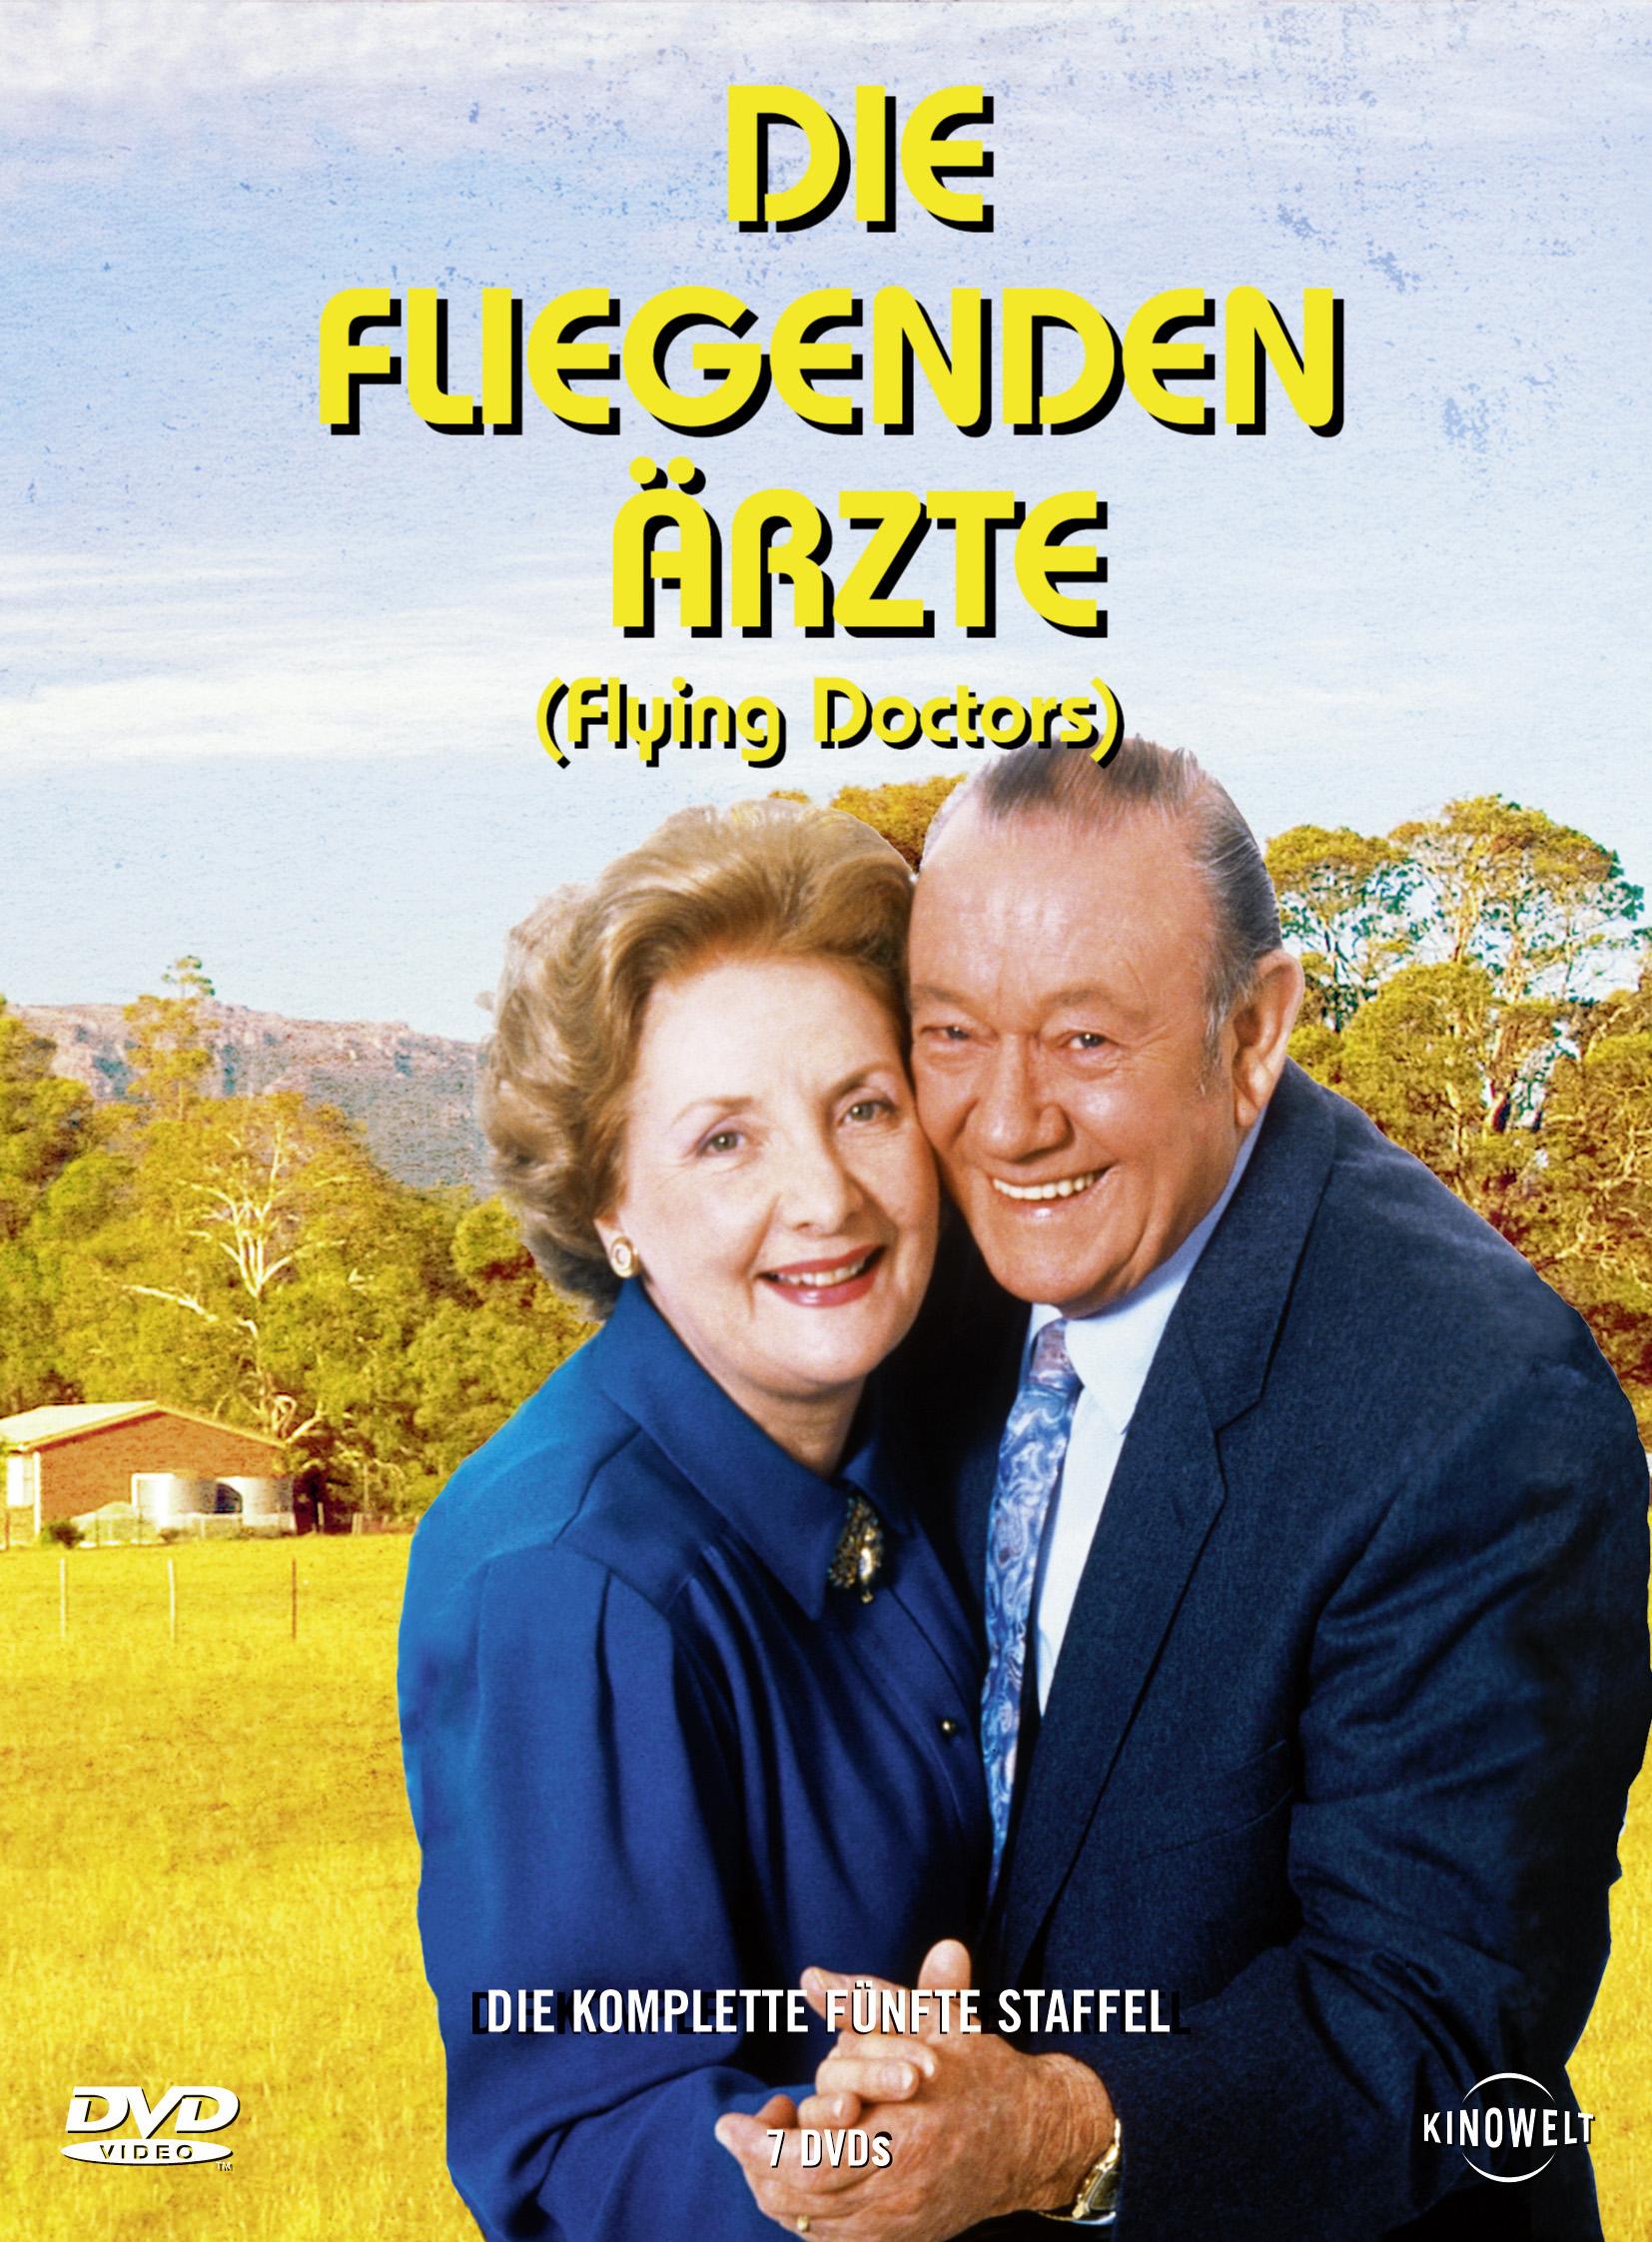 Die fliegenden Ärzte - Die komplette fünfte Staffel (7 DVDs) Poster